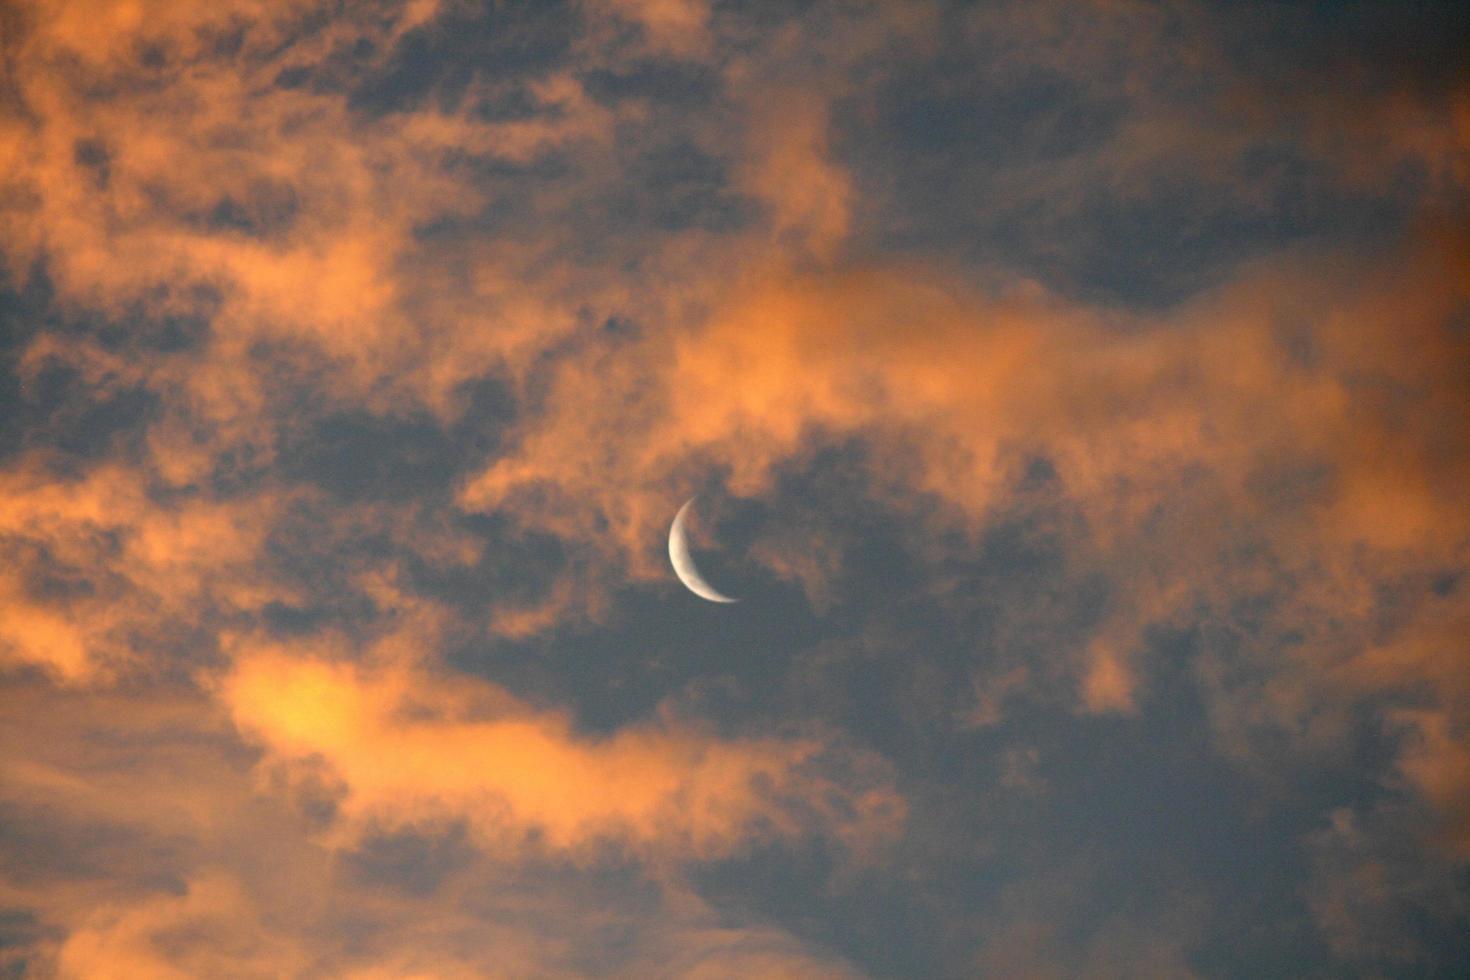 Mond erscheint hinter orangefarbenen Wolken foto